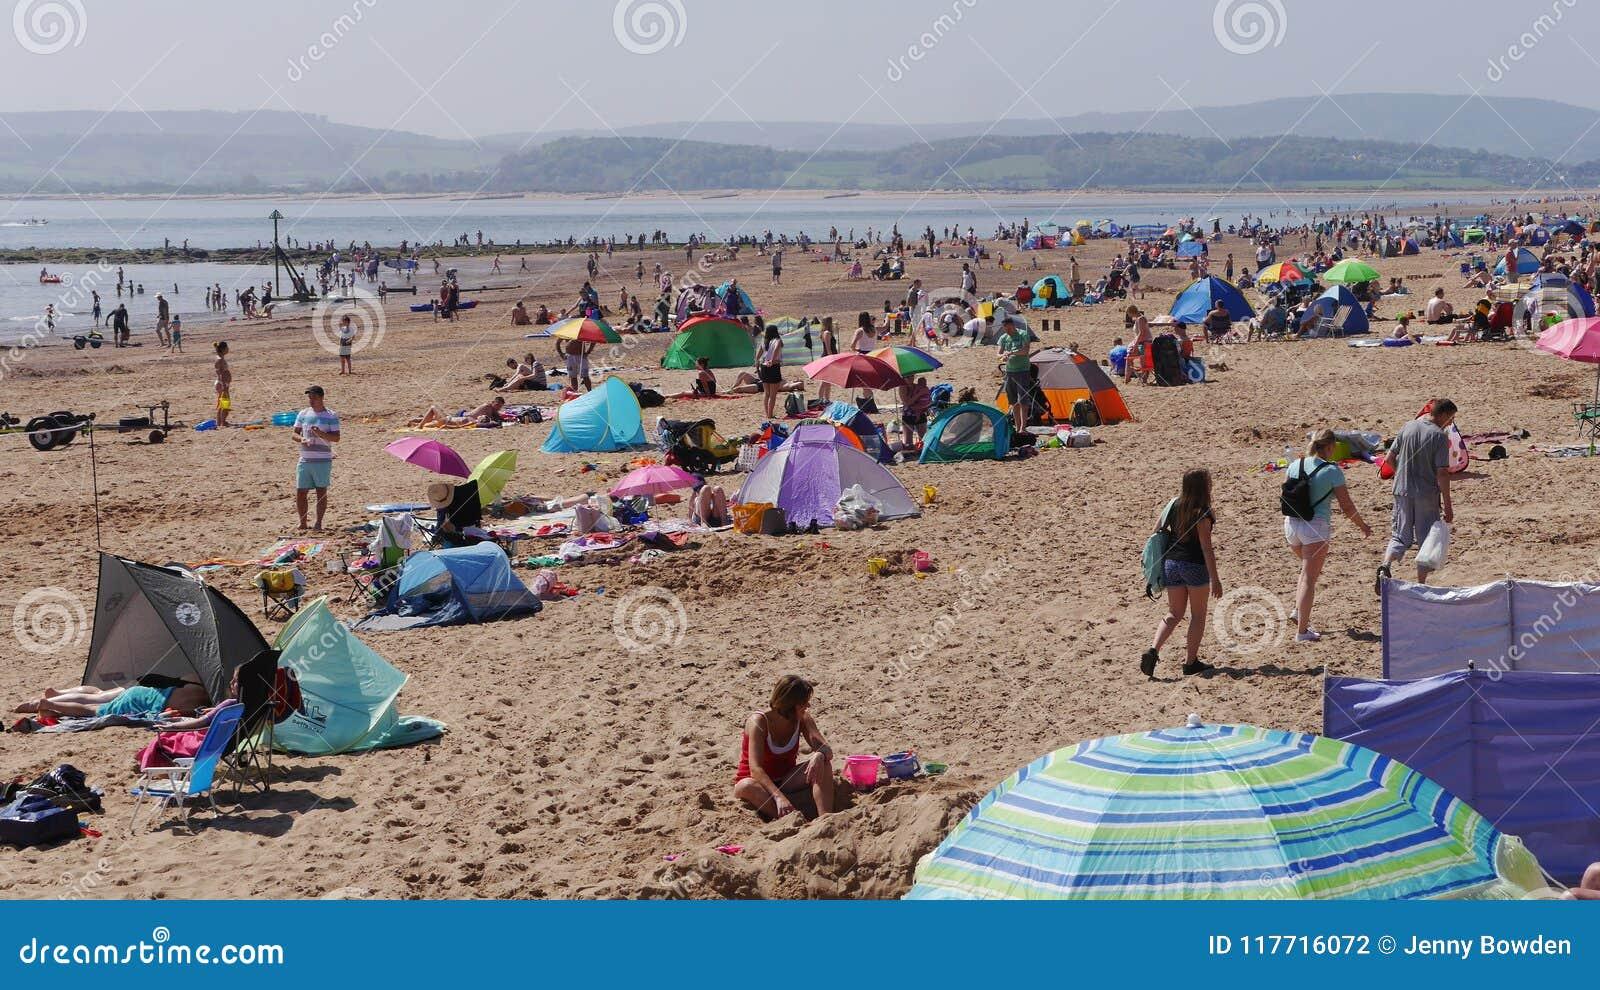 Exmouth Ein populärer Badeort in Devon Süd- West-England Mengen scharen sich zum Strand im Mai Weihnachtsfeiertag Sonntag 2018